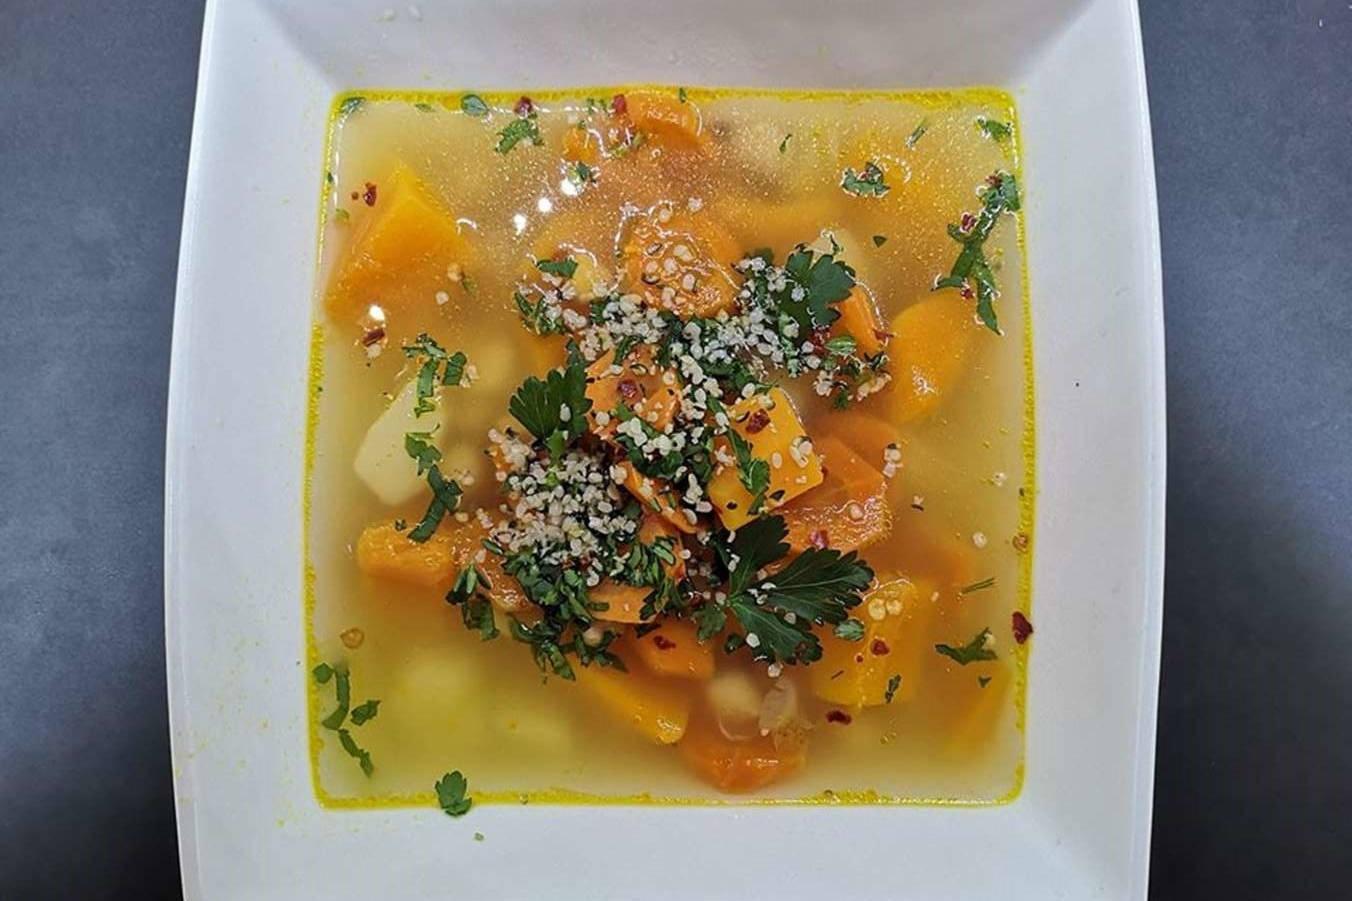 Sviestinio moliūgo sriuba